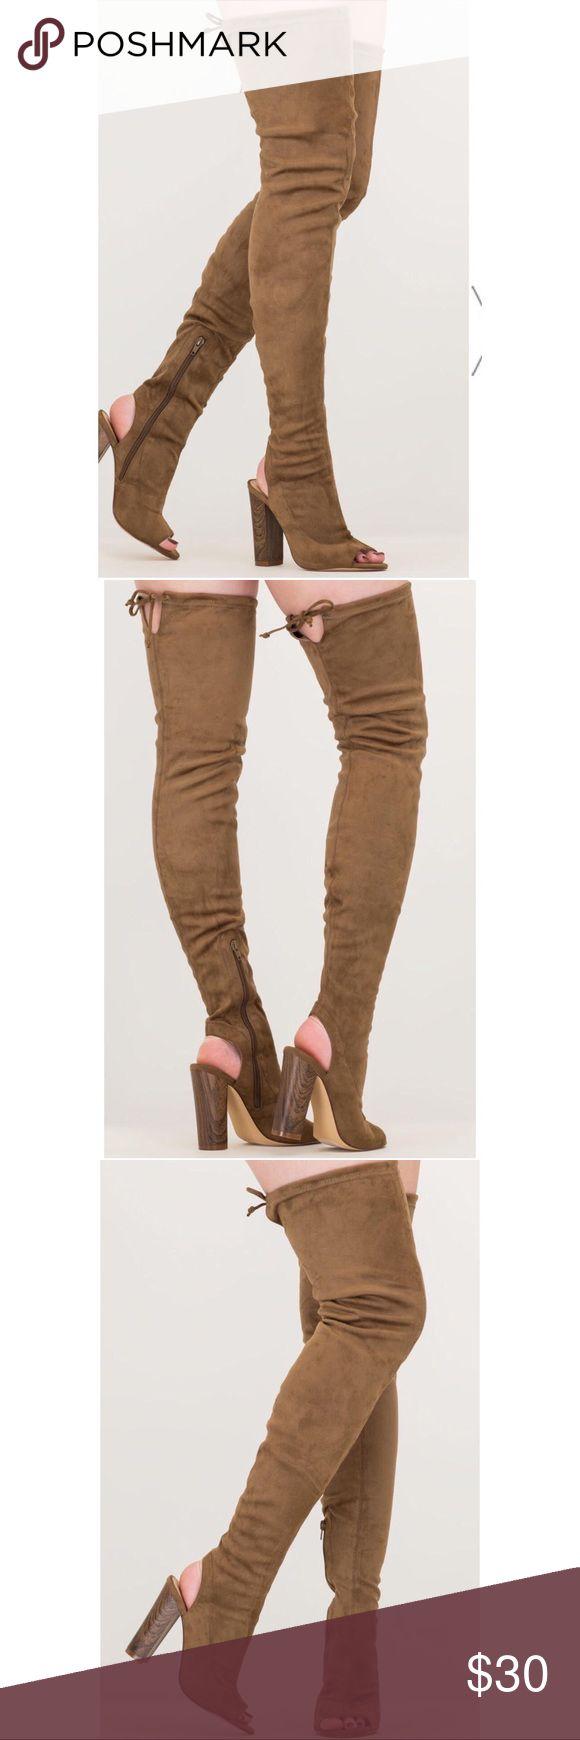 bescita Mujer Cómodo lienzo de pie para elegante Slip On Hombre Flats zapatos azul beige Talla:4.5 4C8JCoo2s